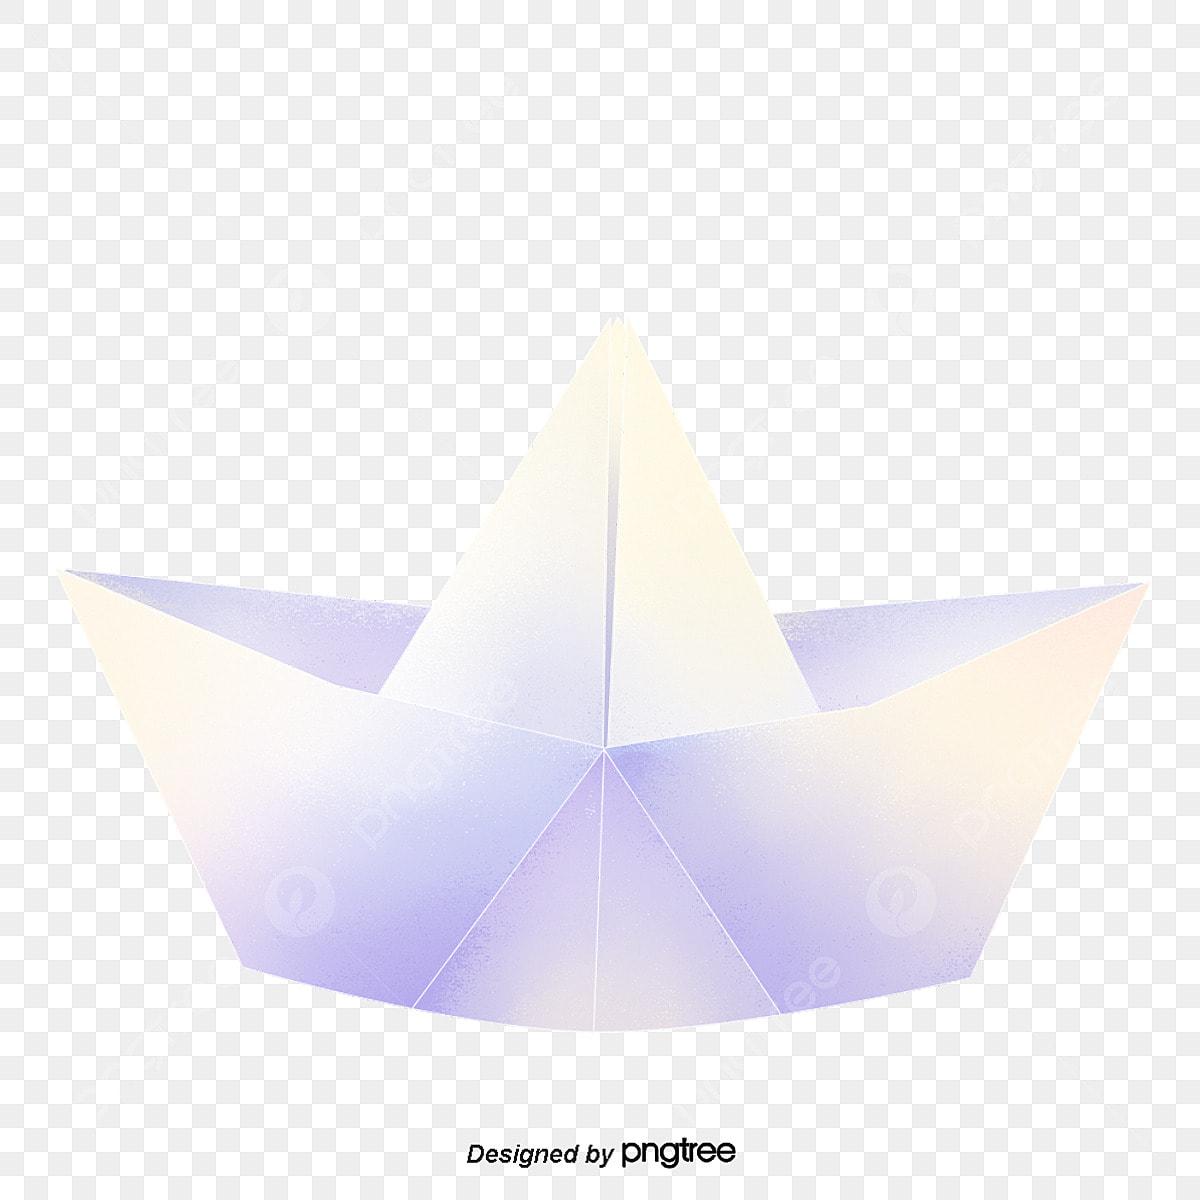 Bateau En Papier Origami Blanc Bateau A Papier Papier Fichier Png Et Psd Pour Le Telechargement Libre